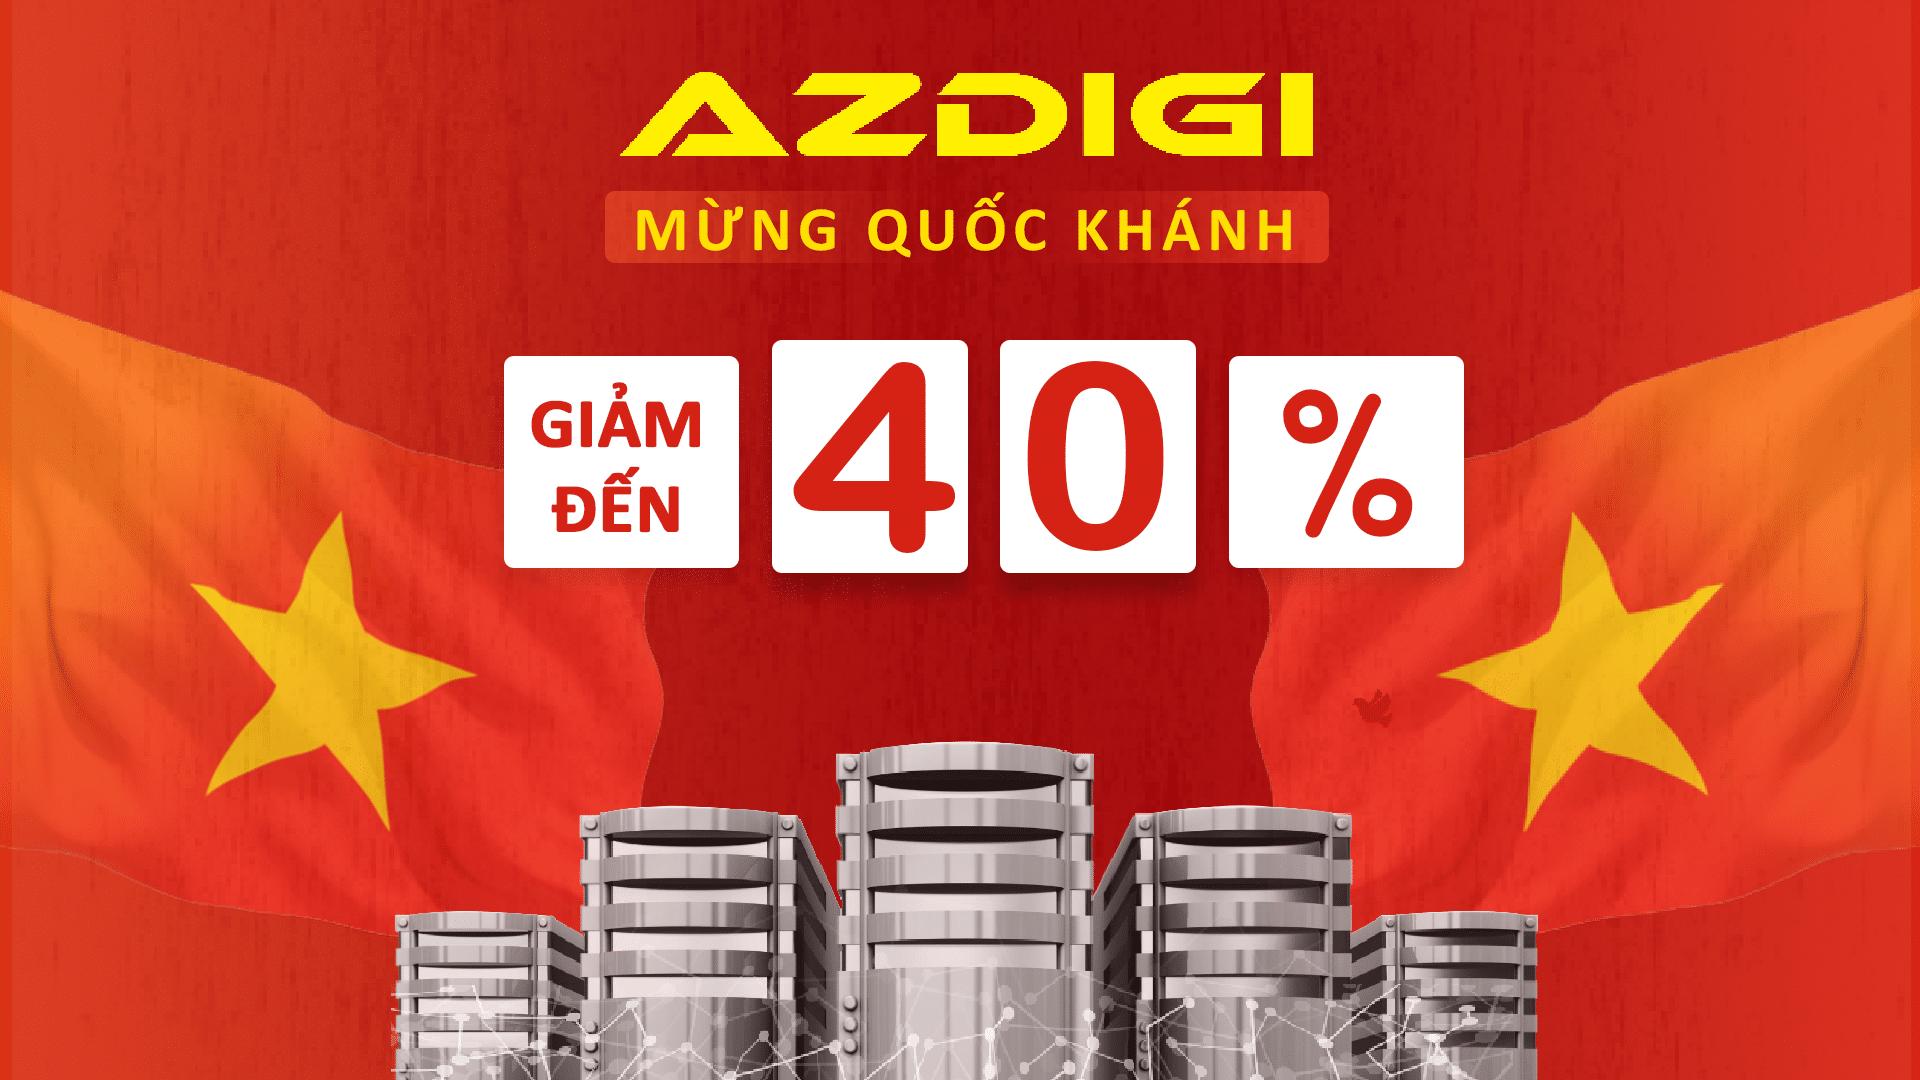 AZDIGI khuyến mãi cực lớn nhân dịp Quốc khánh 2/9/2019